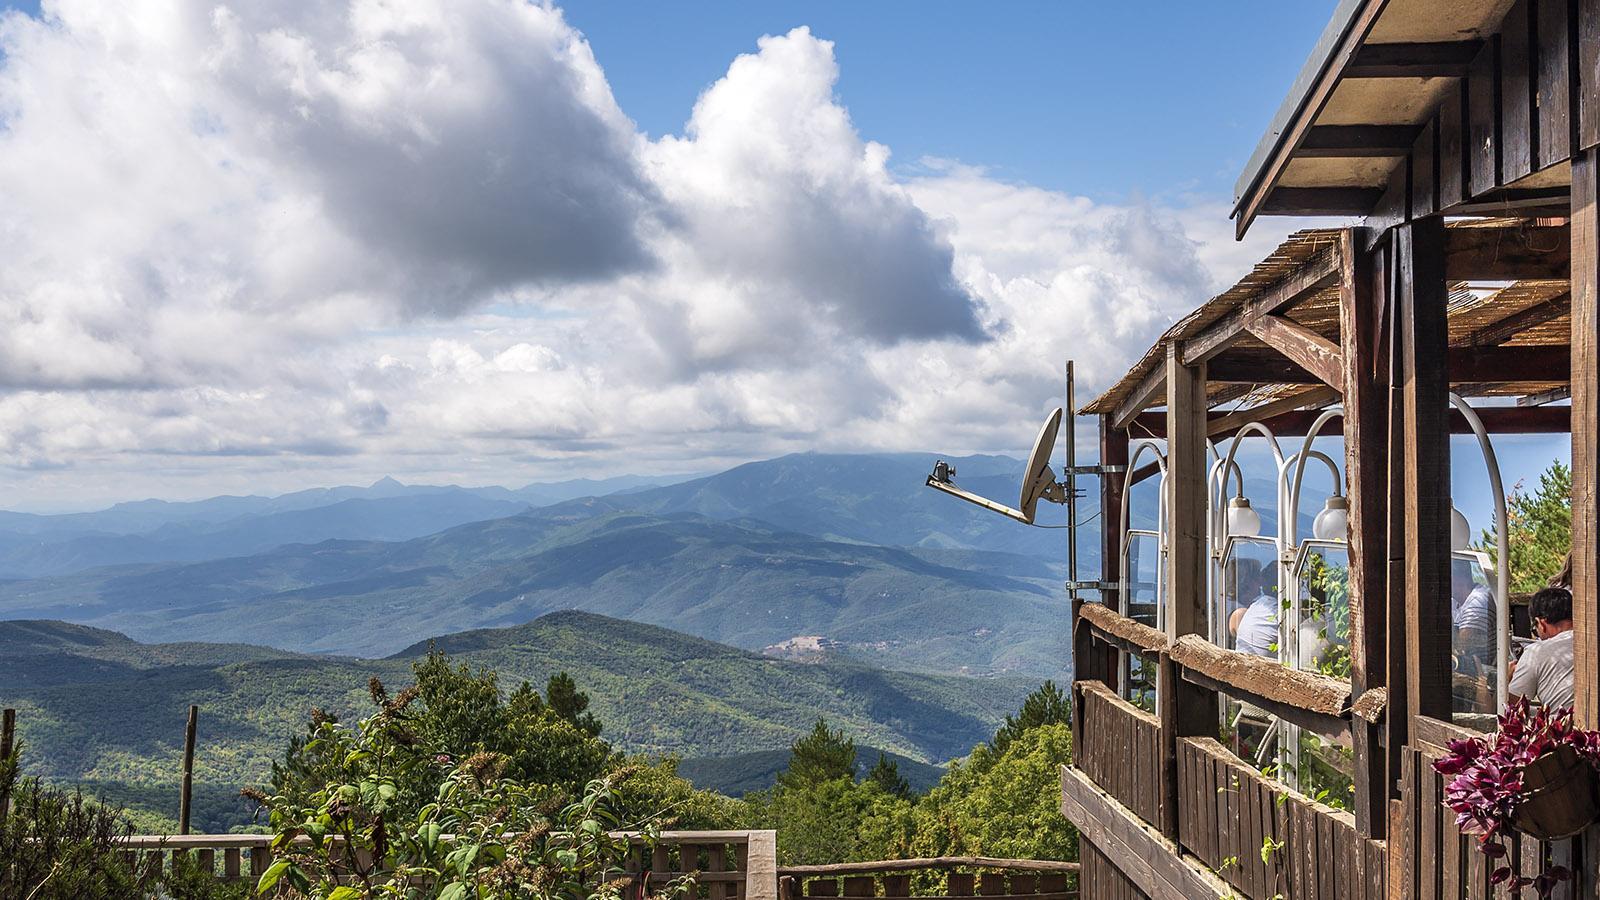 Das Aussichtslokal des Col de l'Ouillat (Coll de l'Ullat). Foto: Hilke Maunder